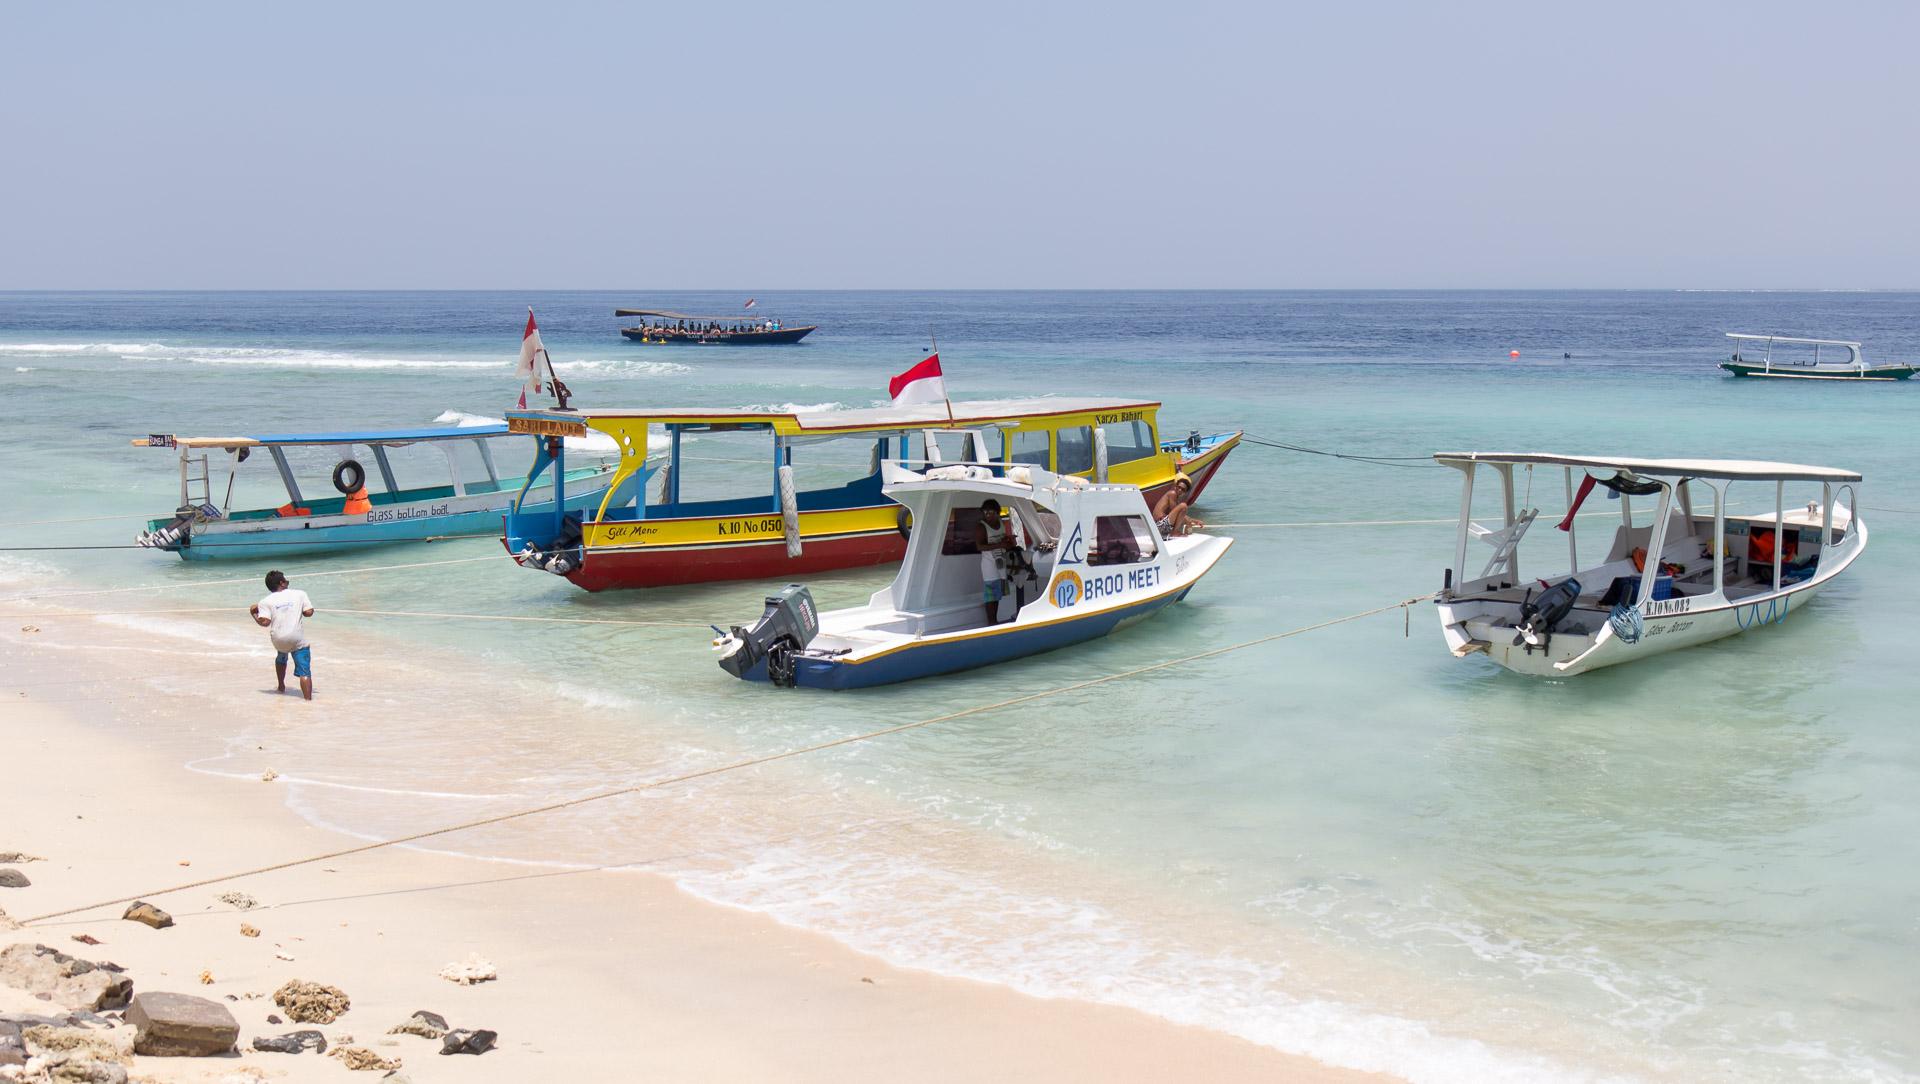 Bali2015-17-016